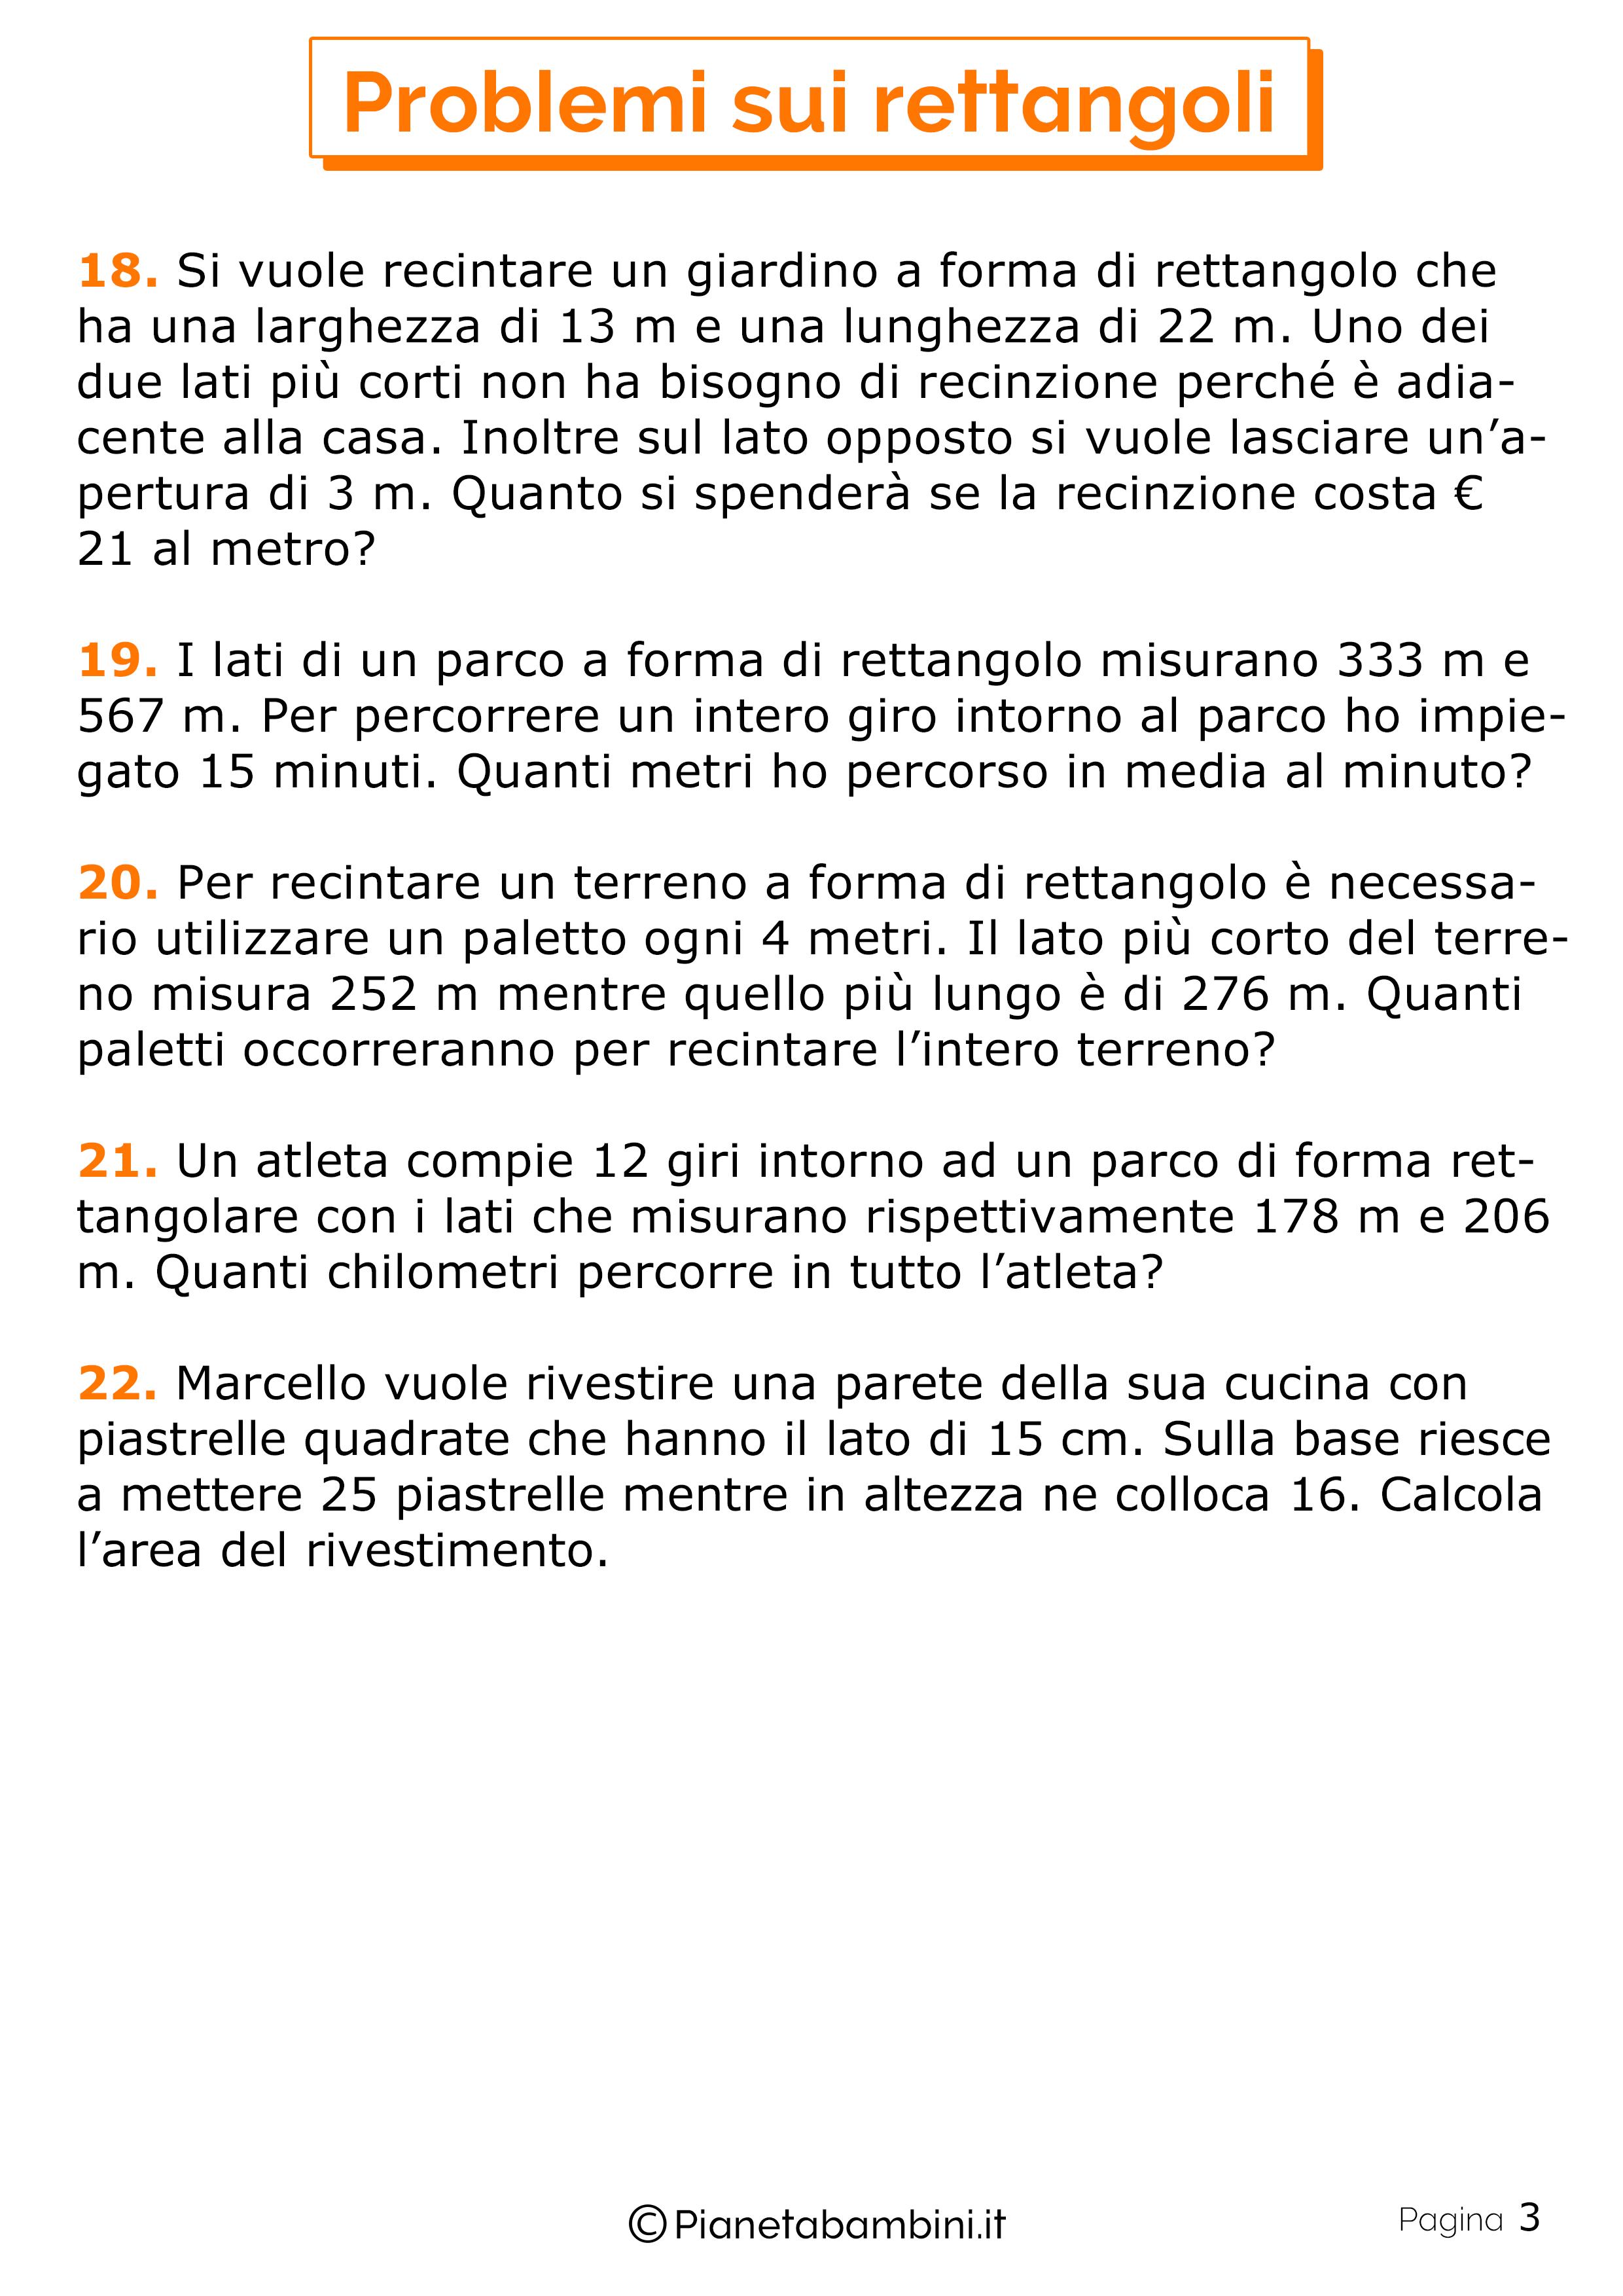 Problemi sui Rettangoli per bambini 3